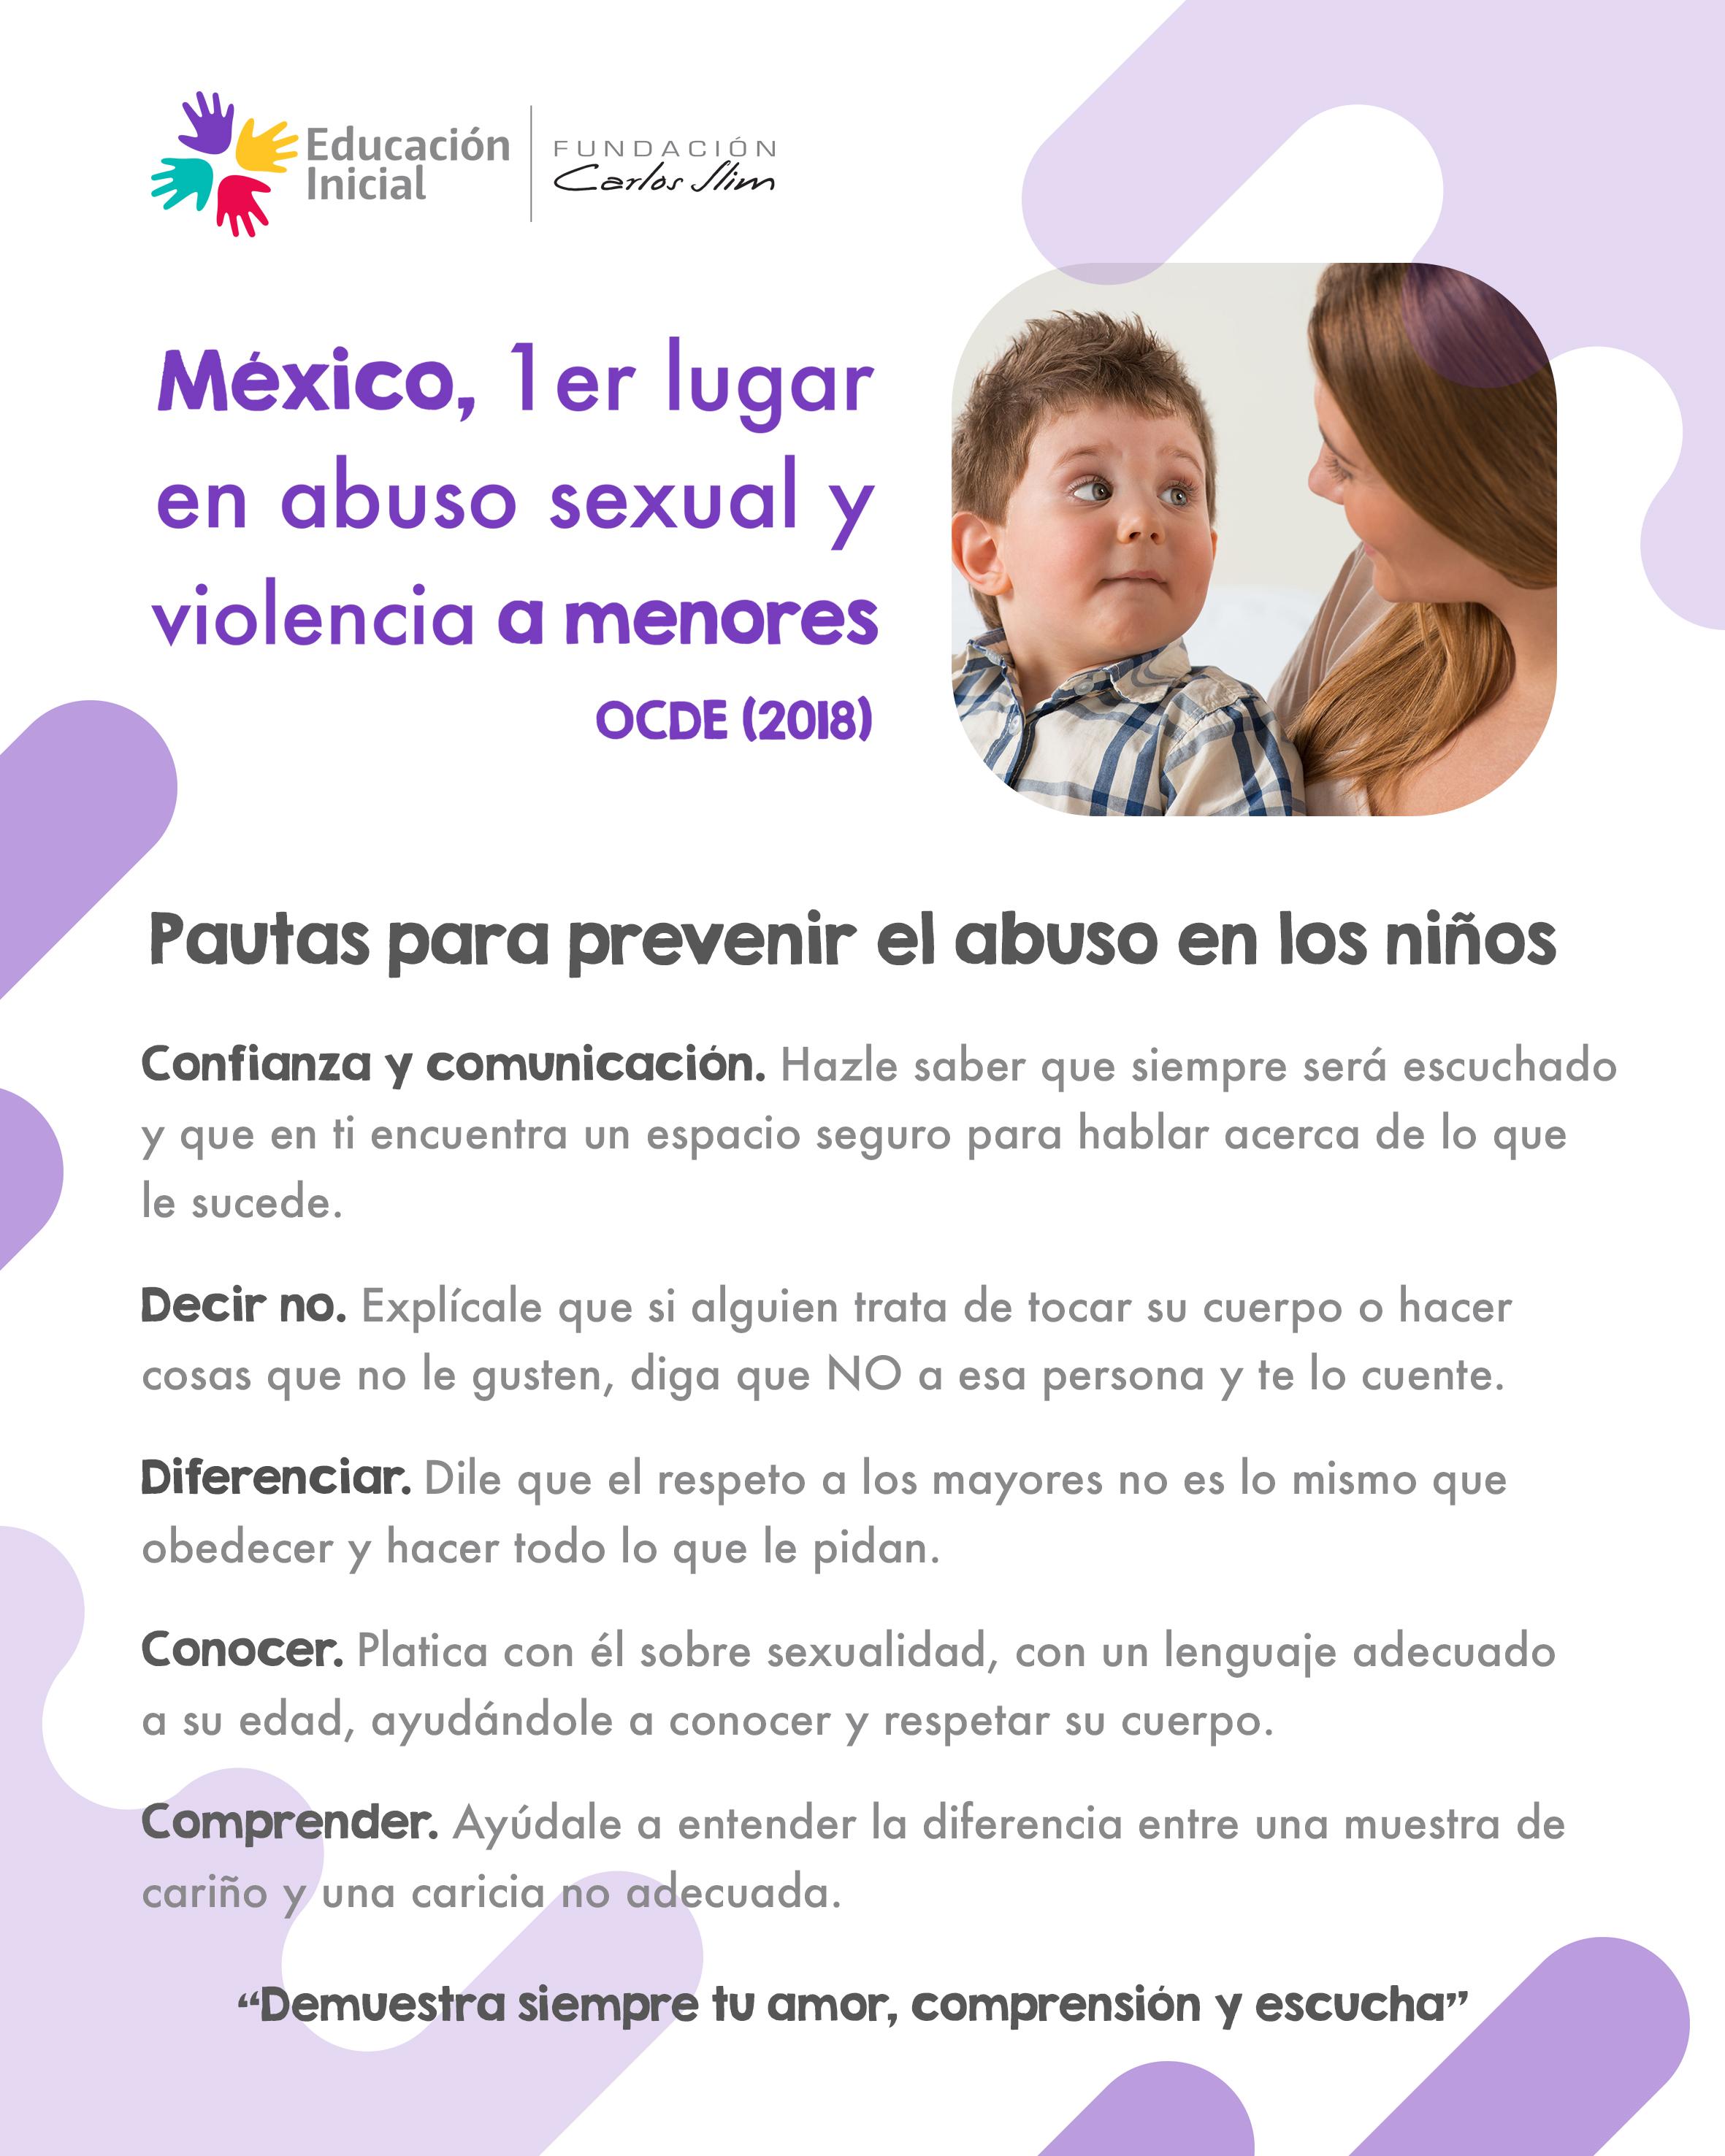 (582) Pautas para prevenir el abuso en los niños